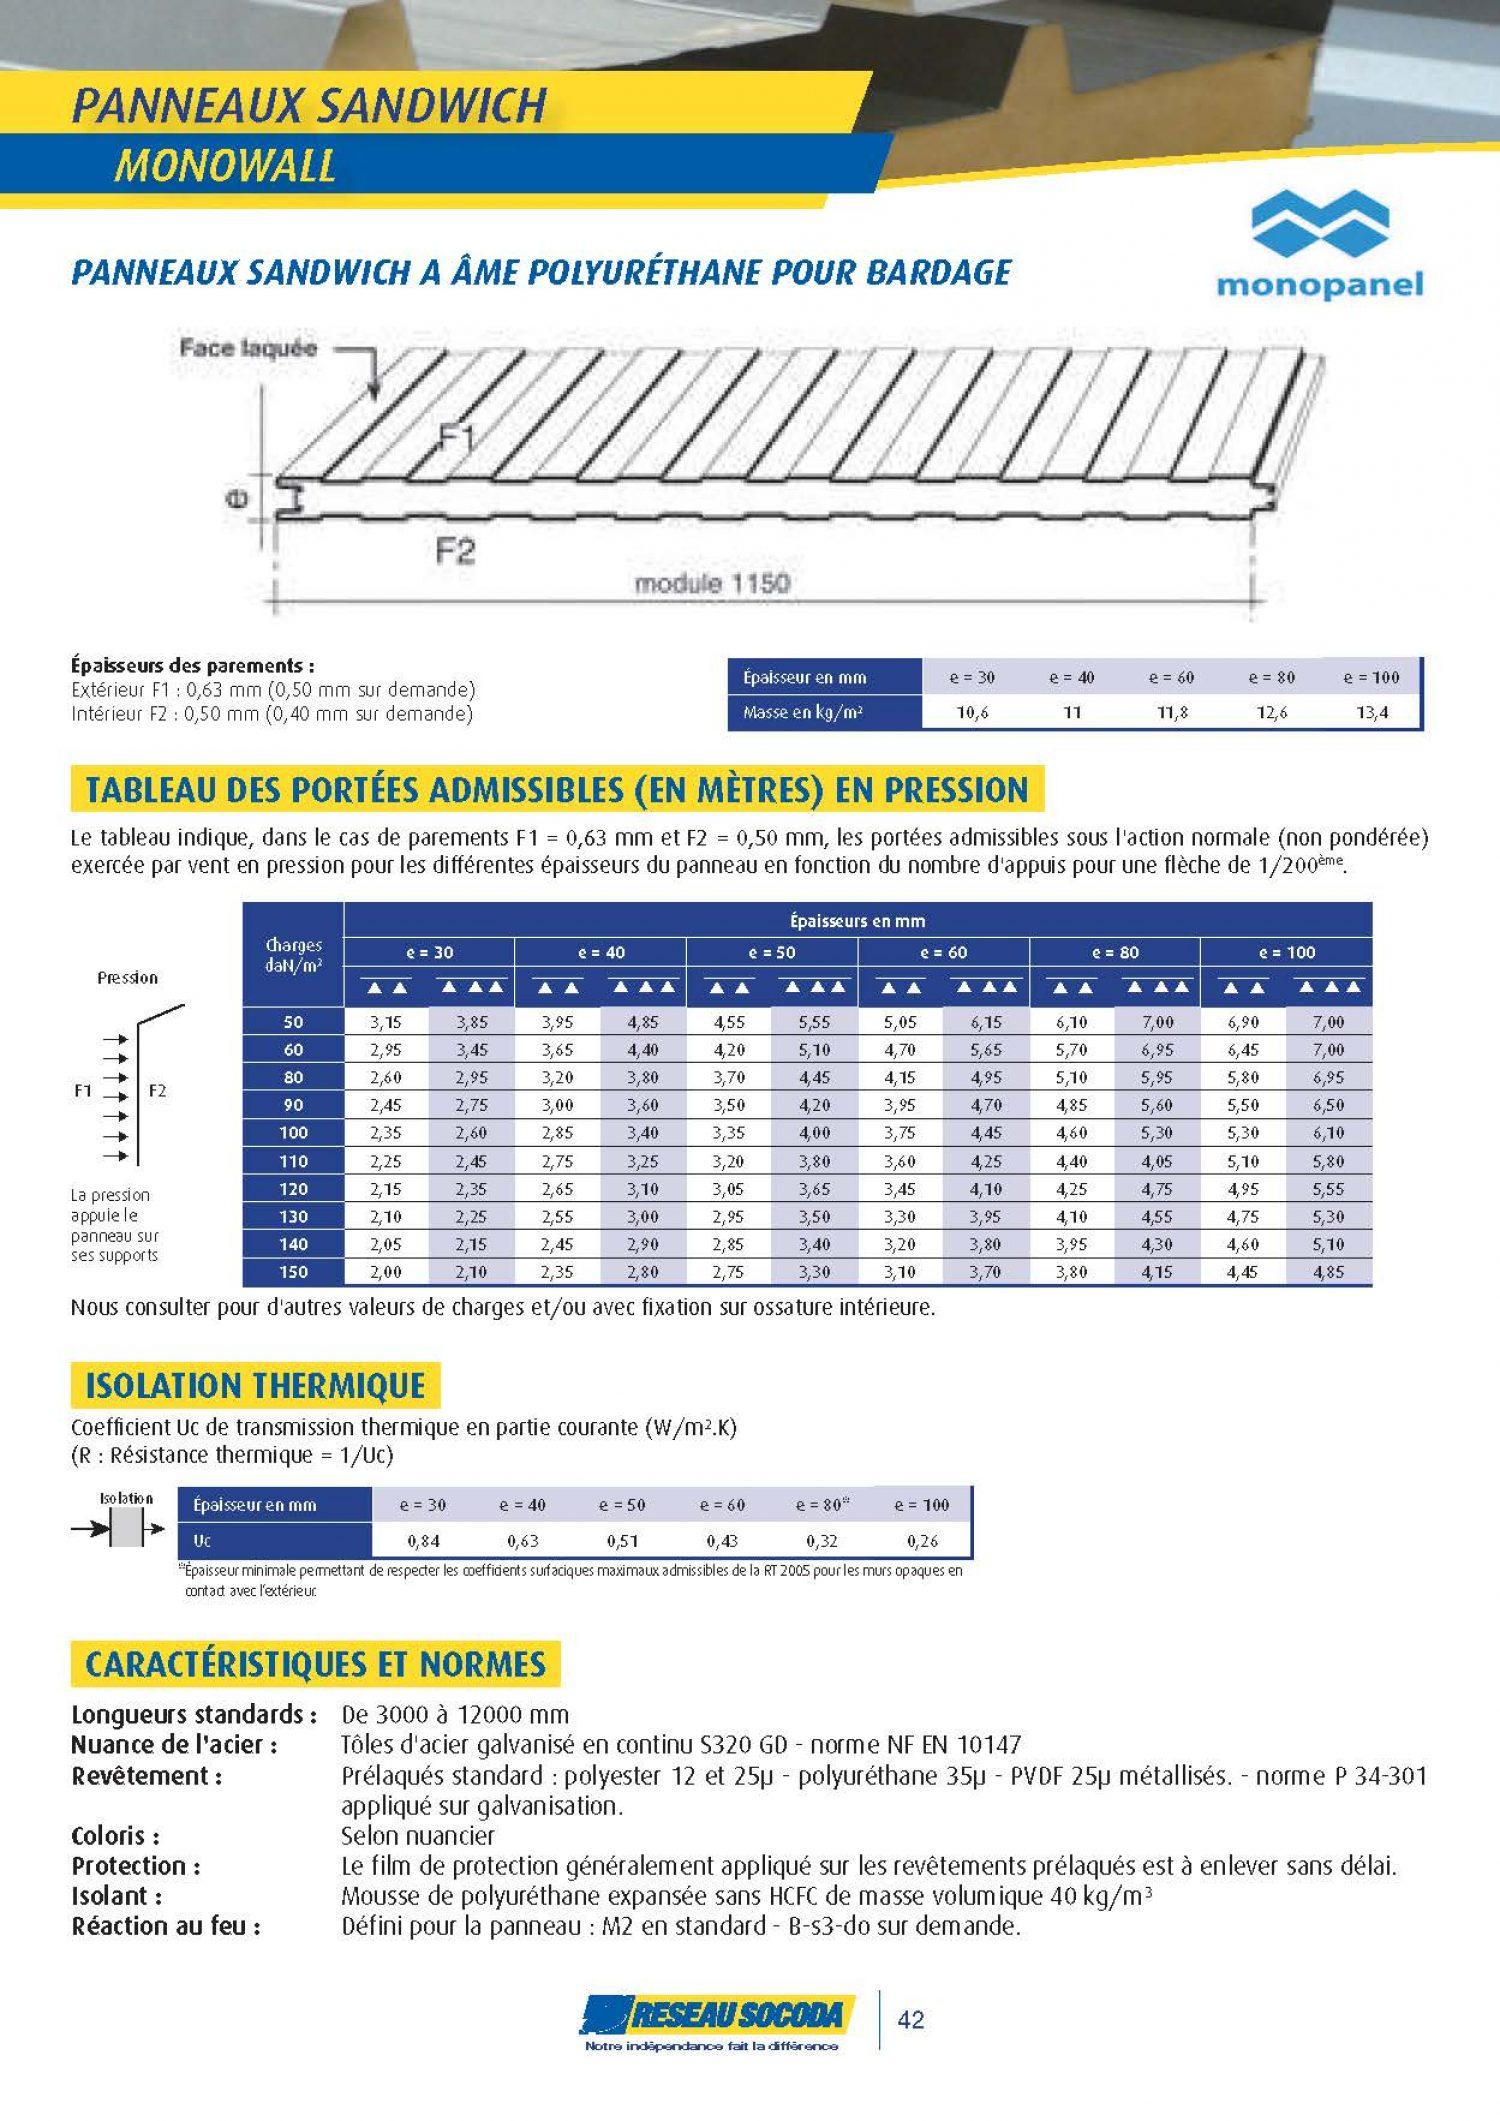 GERMOND_2014 PROFIL BATIMENT_20140324-184231_Page_42